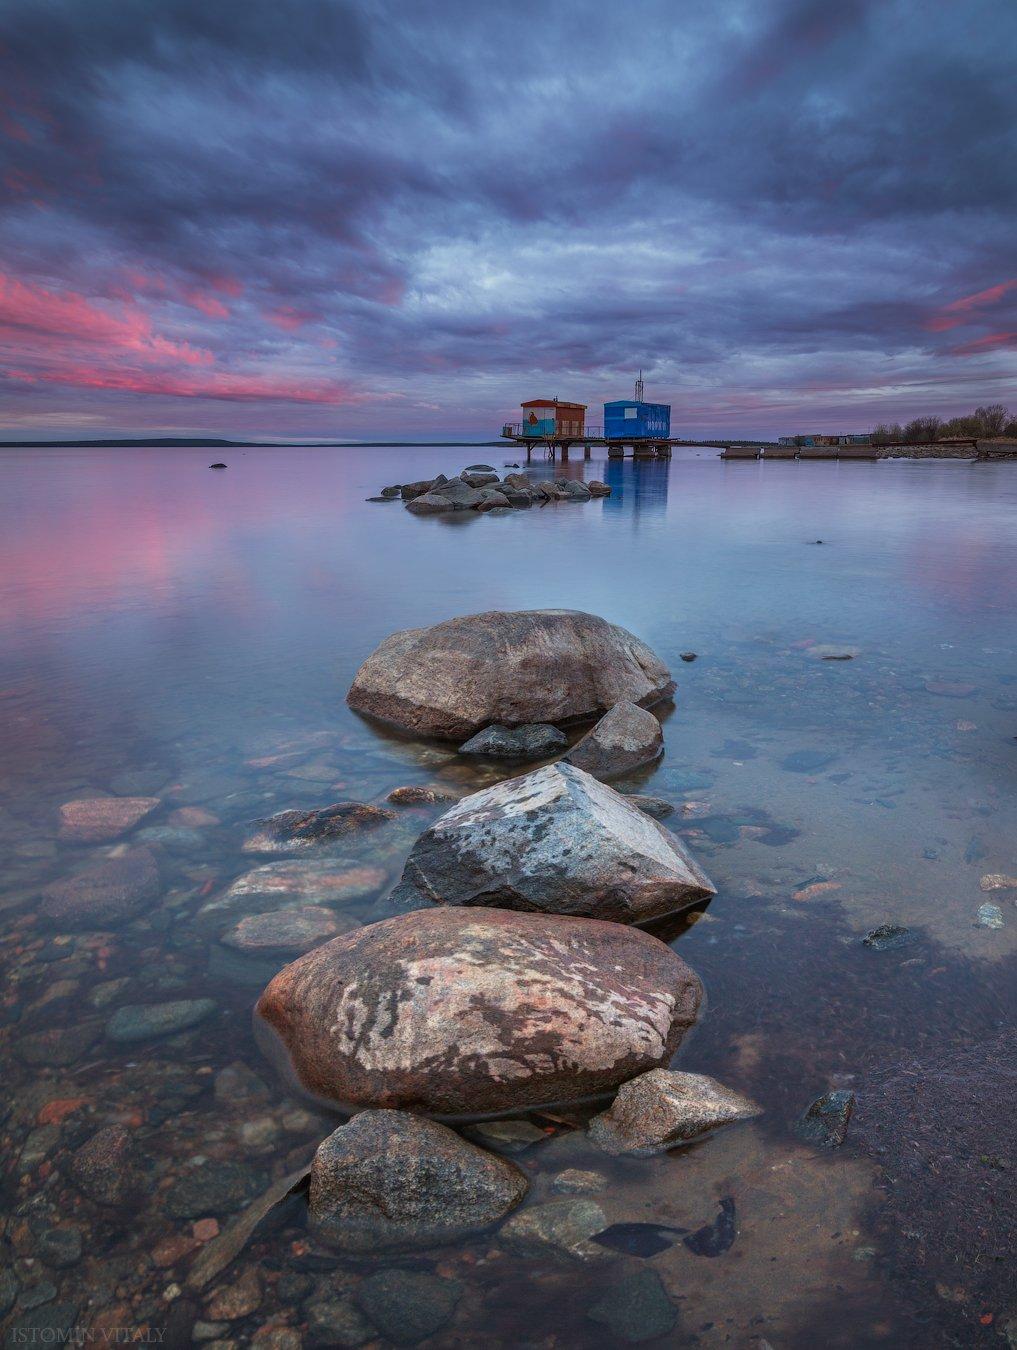 пейзаж,рассвет,закат,озеро,кольский,север,вода,отражение,весна, Истомин Виталий